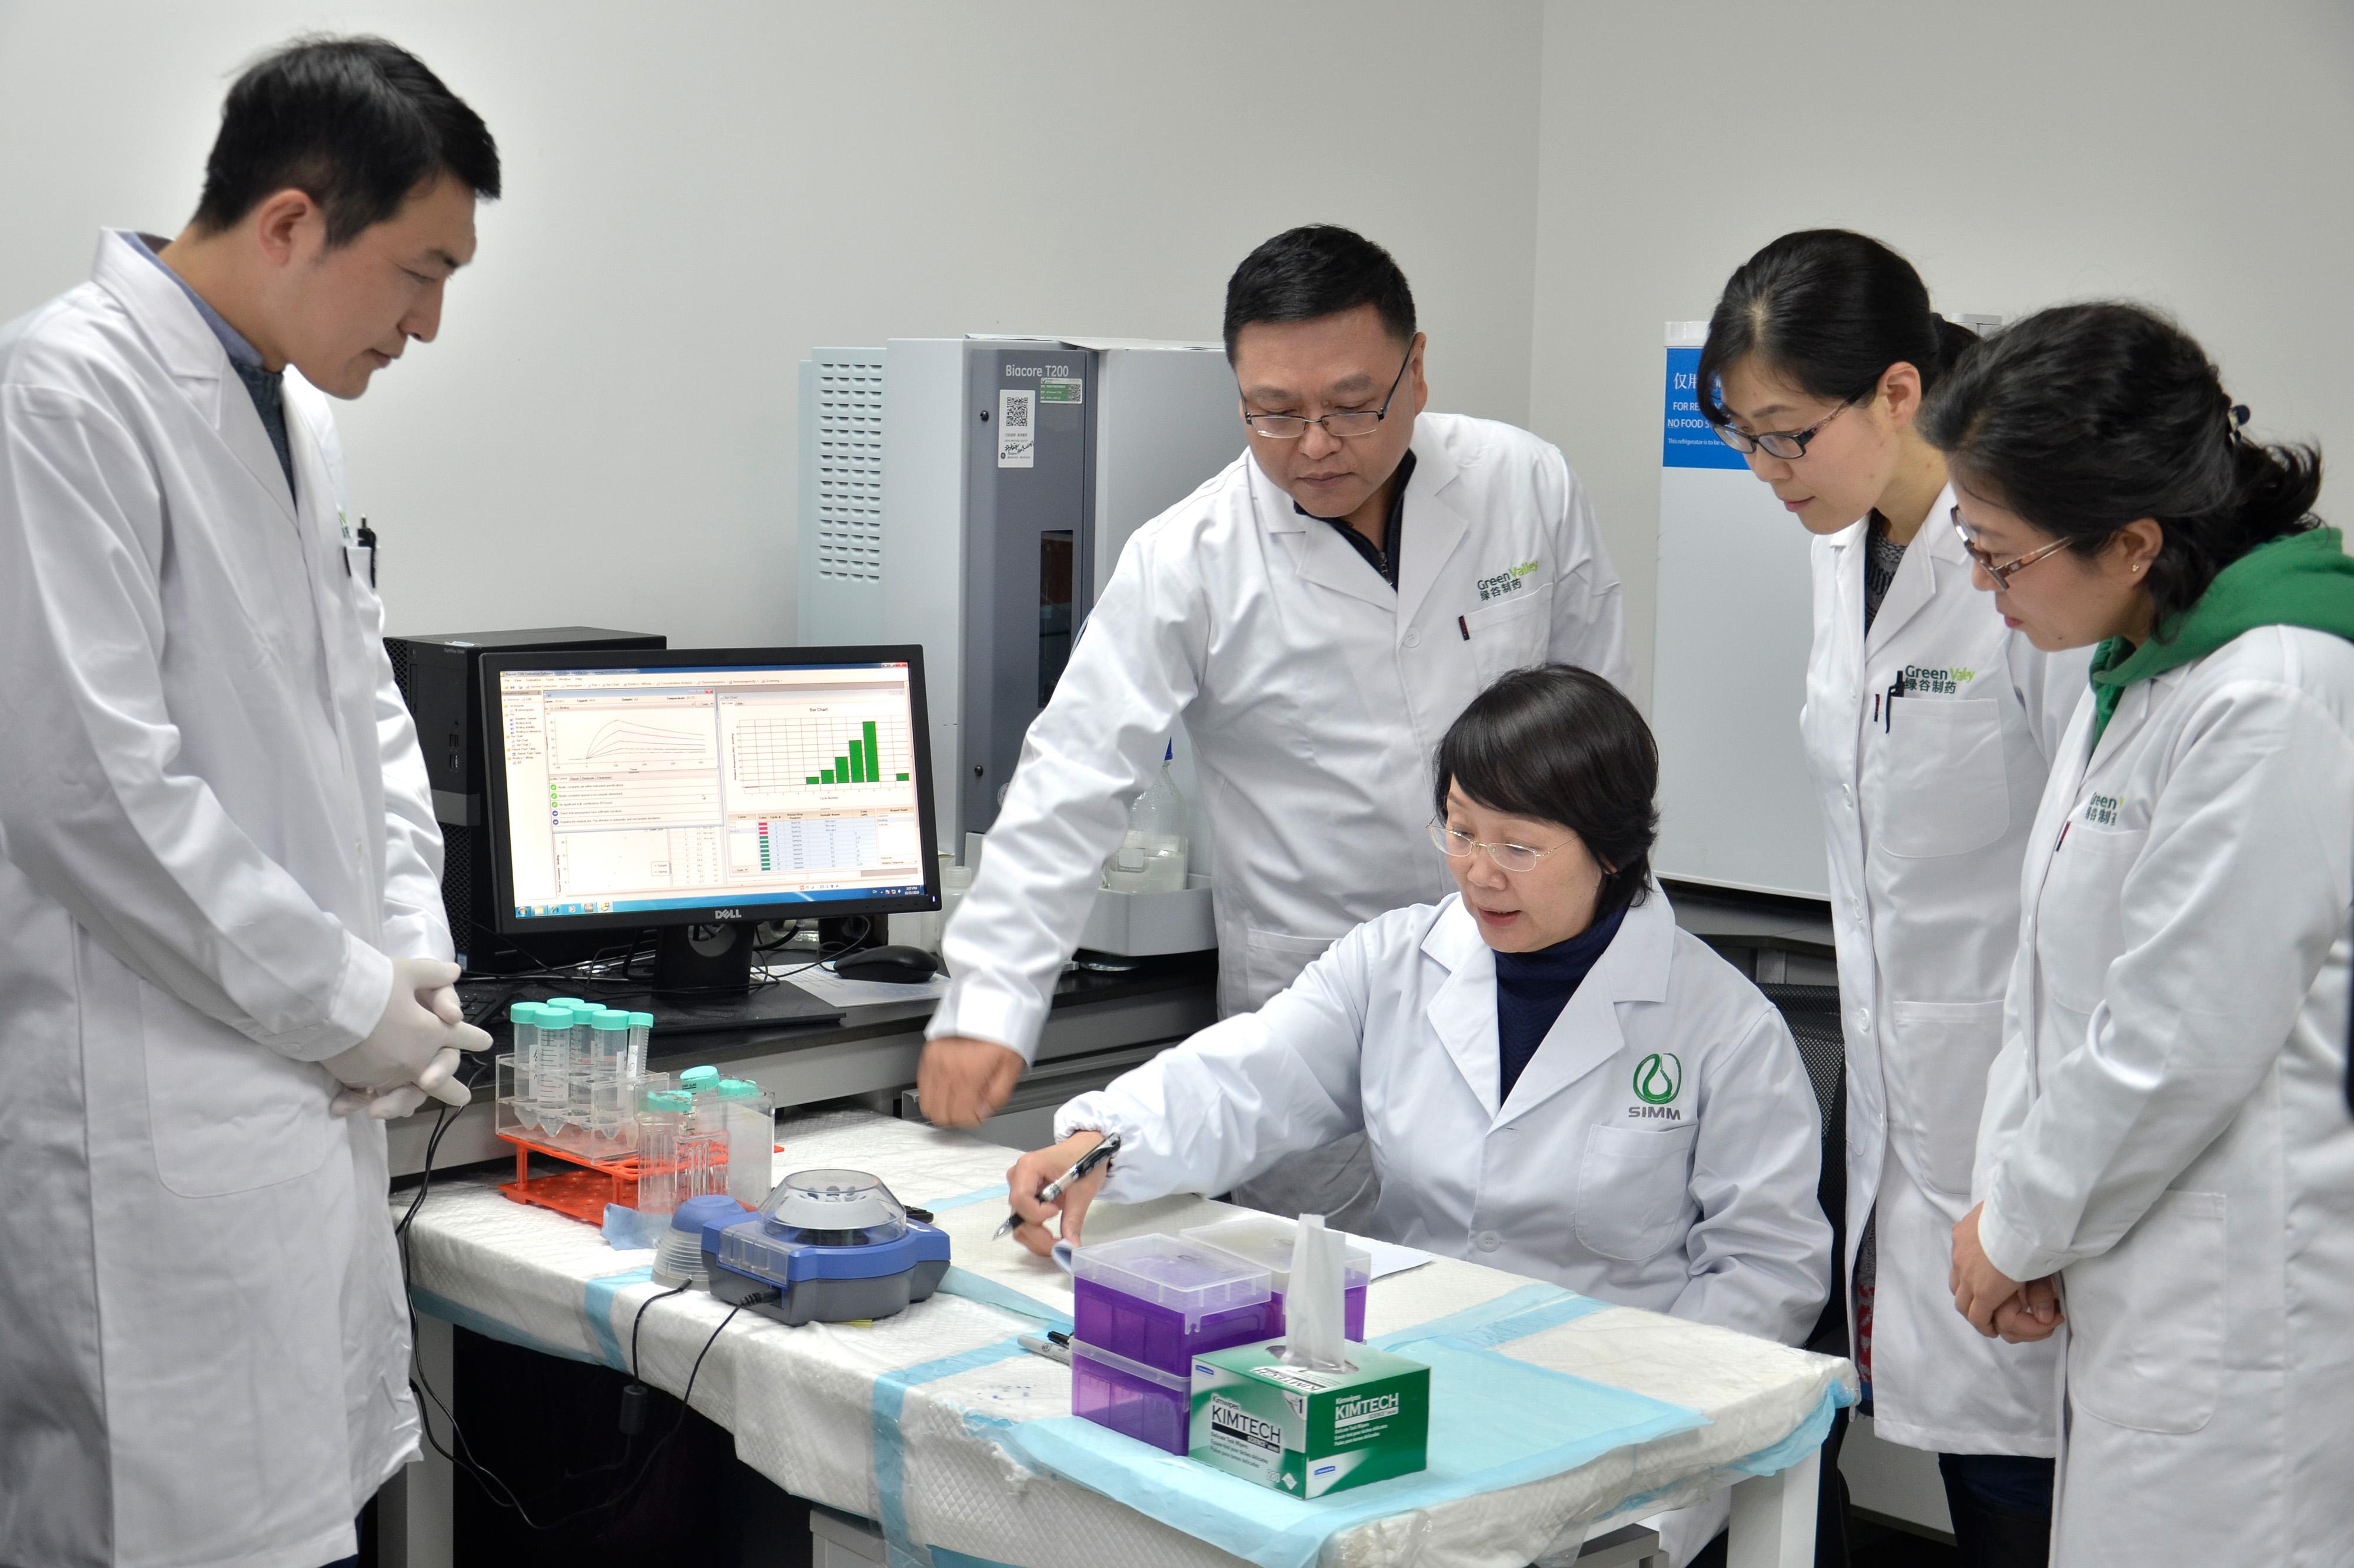 中国独自開発のアルツハイマー新薬、製造販売承認を取得